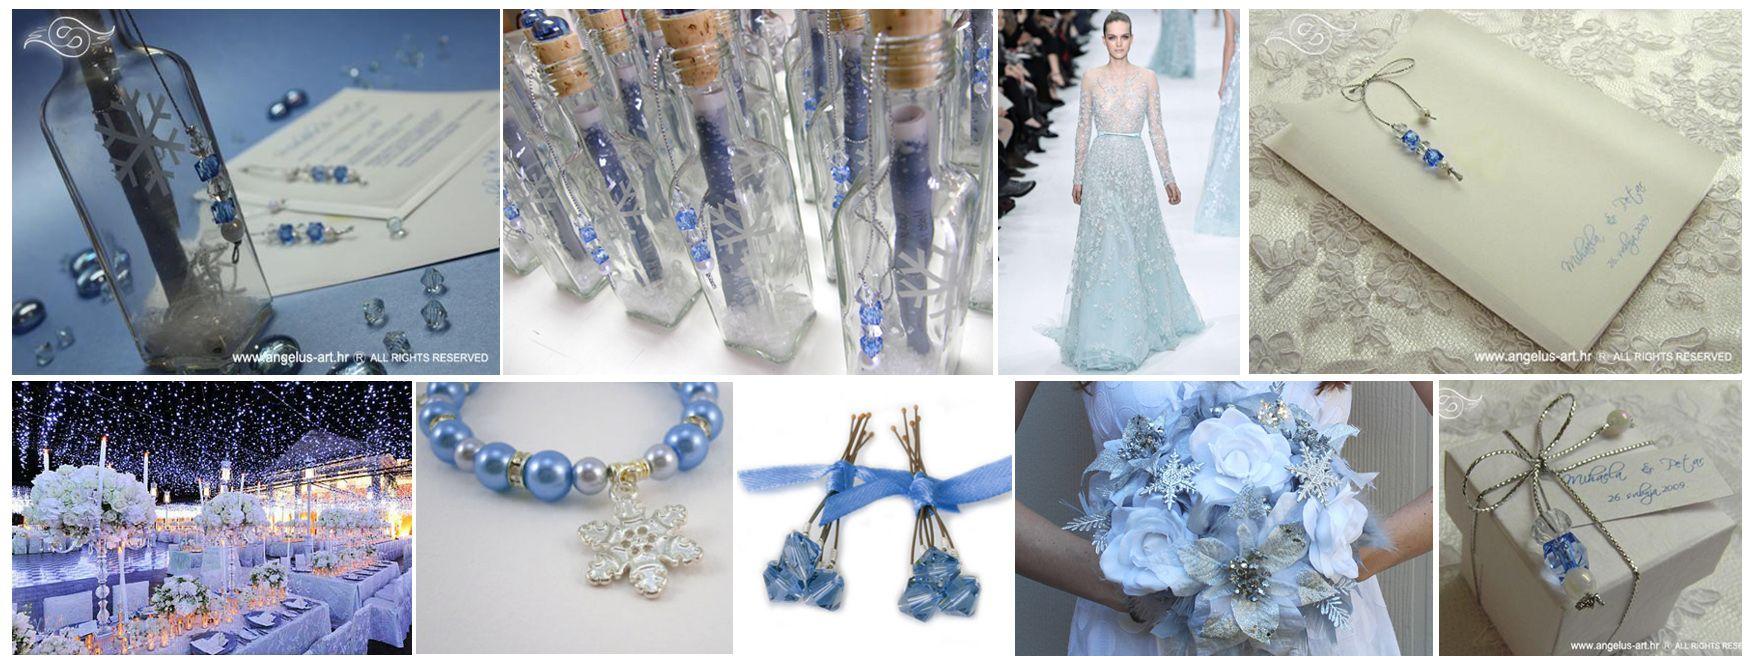 BLUE winter wedding collage http://angelus-art.net/220/pozivnica-za-vjencanje-poruka-u-boci-snjezna-bajka